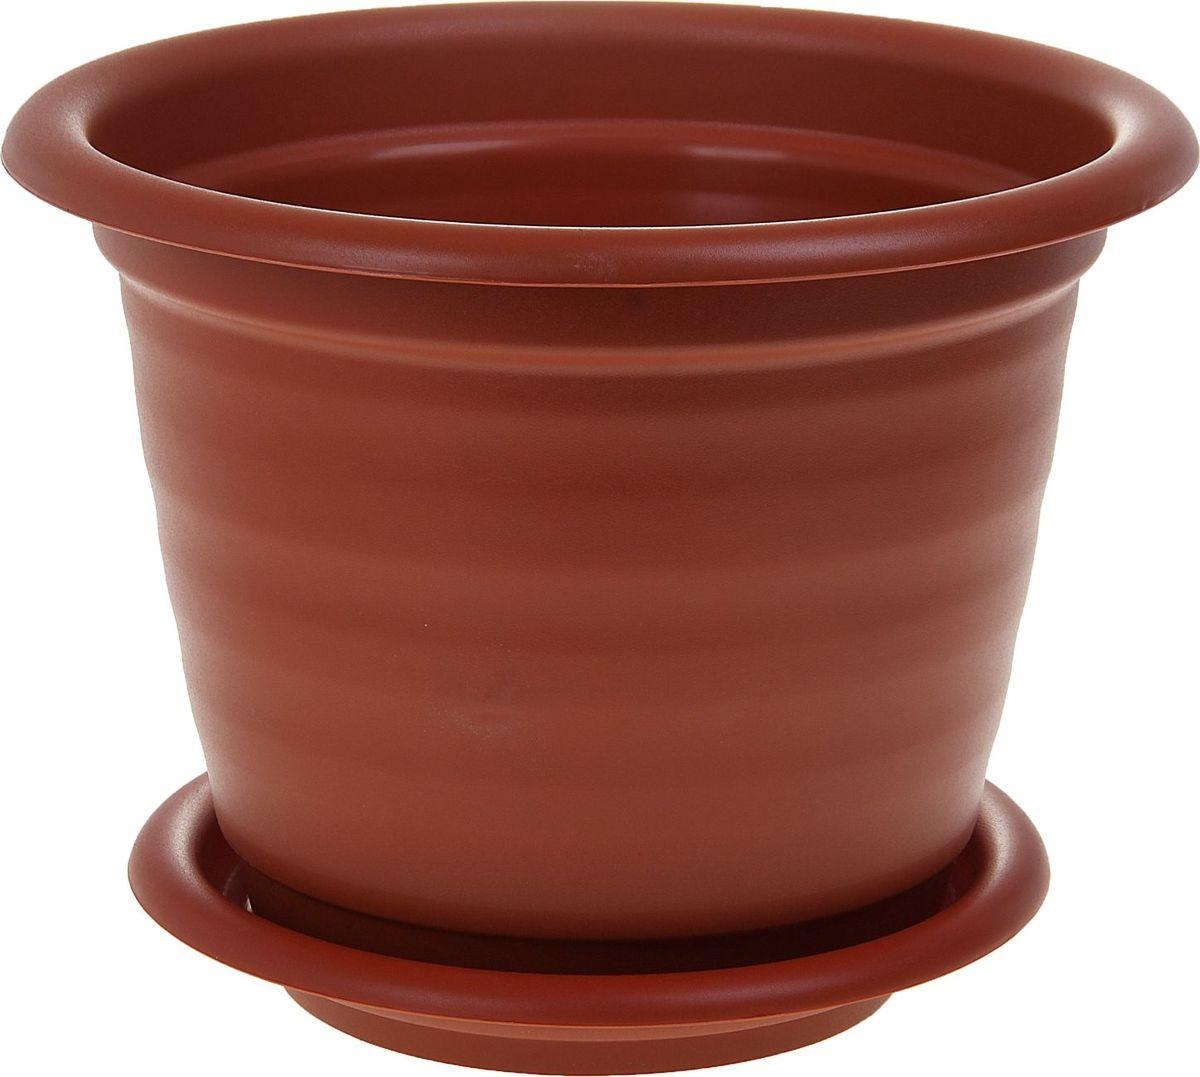 Кашпо Idea Ламела, с подставкой, цвет: терракотовый, 15 л1155787Любой, даже самый современный и продуманный интерьер будет не завершённым без растений. Они не только очищают воздух и насыщают его кислородом, но и заметно украшают окружающее пространство. Такому полезному &laquo члену семьи&raquoпросто необходимо красивое и функциональное кашпо, оригинальный горшок или необычная ваза! Мы предлагаем - Кашпо 15 л Ламела d=37 см, с подставкой, цвет терракотовый!Оптимальный выбор материала &mdash &nbsp пластмасса! Почему мы так считаем? Малый вес. С лёгкостью переносите горшки и кашпо с места на место, ставьте их на столики или полки, подвешивайте под потолок, не беспокоясь о нагрузке. Простота ухода. Пластиковые изделия не нуждаются в специальных условиях хранения. Их&nbsp легко чистить &mdashдостаточно просто сполоснуть тёплой водой. Никаких царапин. Пластиковые кашпо не царапают и не загрязняют поверхности, на которых стоят. Пластик дольше хранит влагу, а значит &mdashрастение реже нуждается в поливе. Пластмасса не пропускает воздух &mdashкорневой системе растения не грозят резкие перепады температур. Огромный выбор форм, декора и расцветок &mdashвы без труда подберёте что-то, что идеально впишется в уже существующий интерьер.Соблюдая нехитрые правила ухода, вы можете заметно продлить срок службы горшков, вазонов и кашпо из пластика: всегда учитывайте размер кроны и корневой системы растения (при разрастании большое растение способно повредить маленький горшок)берегите изделие от воздействия прямых солнечных лучей, чтобы кашпо и горшки не выцветалидержите кашпо и горшки из пластика подальше от нагревающихся поверхностей.Создавайте прекрасные цветочные композиции, выращивайте рассаду или необычные растения, а низкие цены позволят вам не ограничивать себя в выборе.